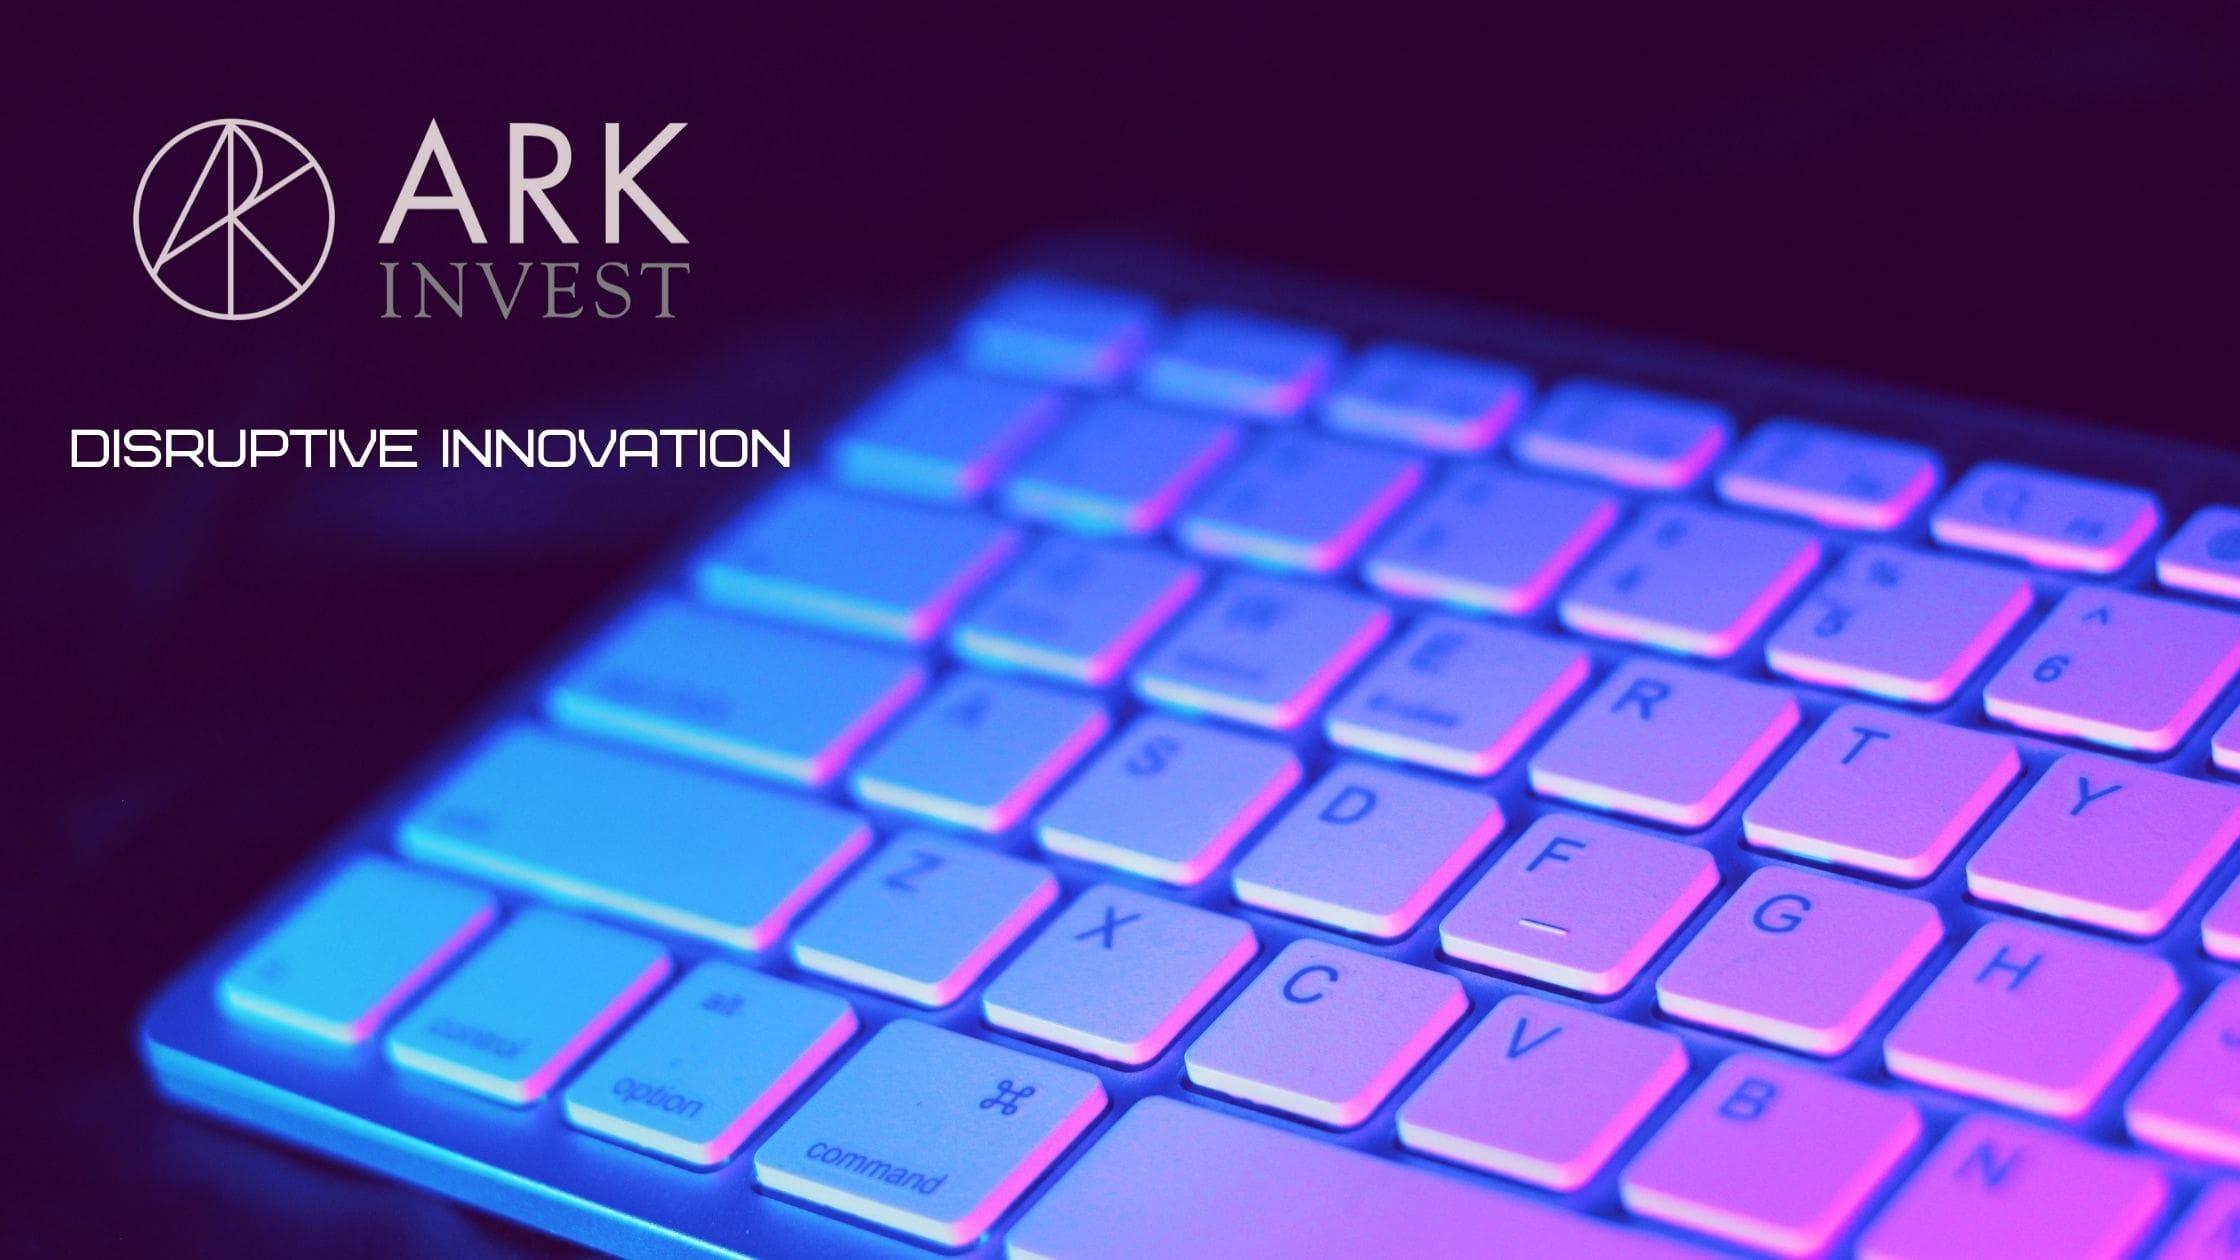 【米国株の話】ARK社のETFとは?【破壊的イノベーション】